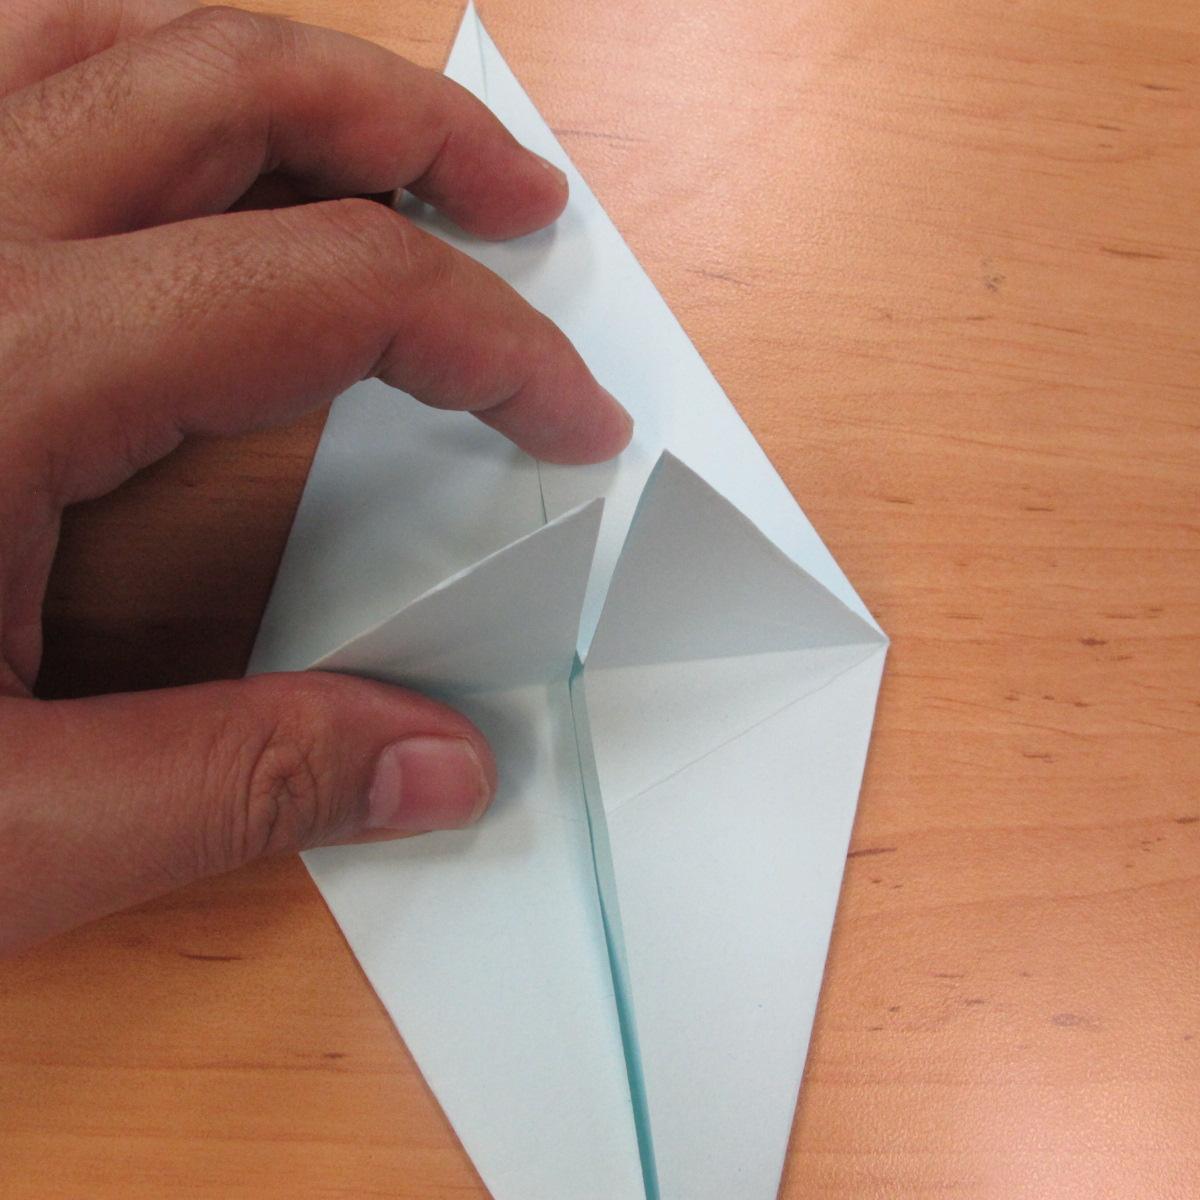 วิธีพับกระดาษเป็นรูปผีน้อย 006